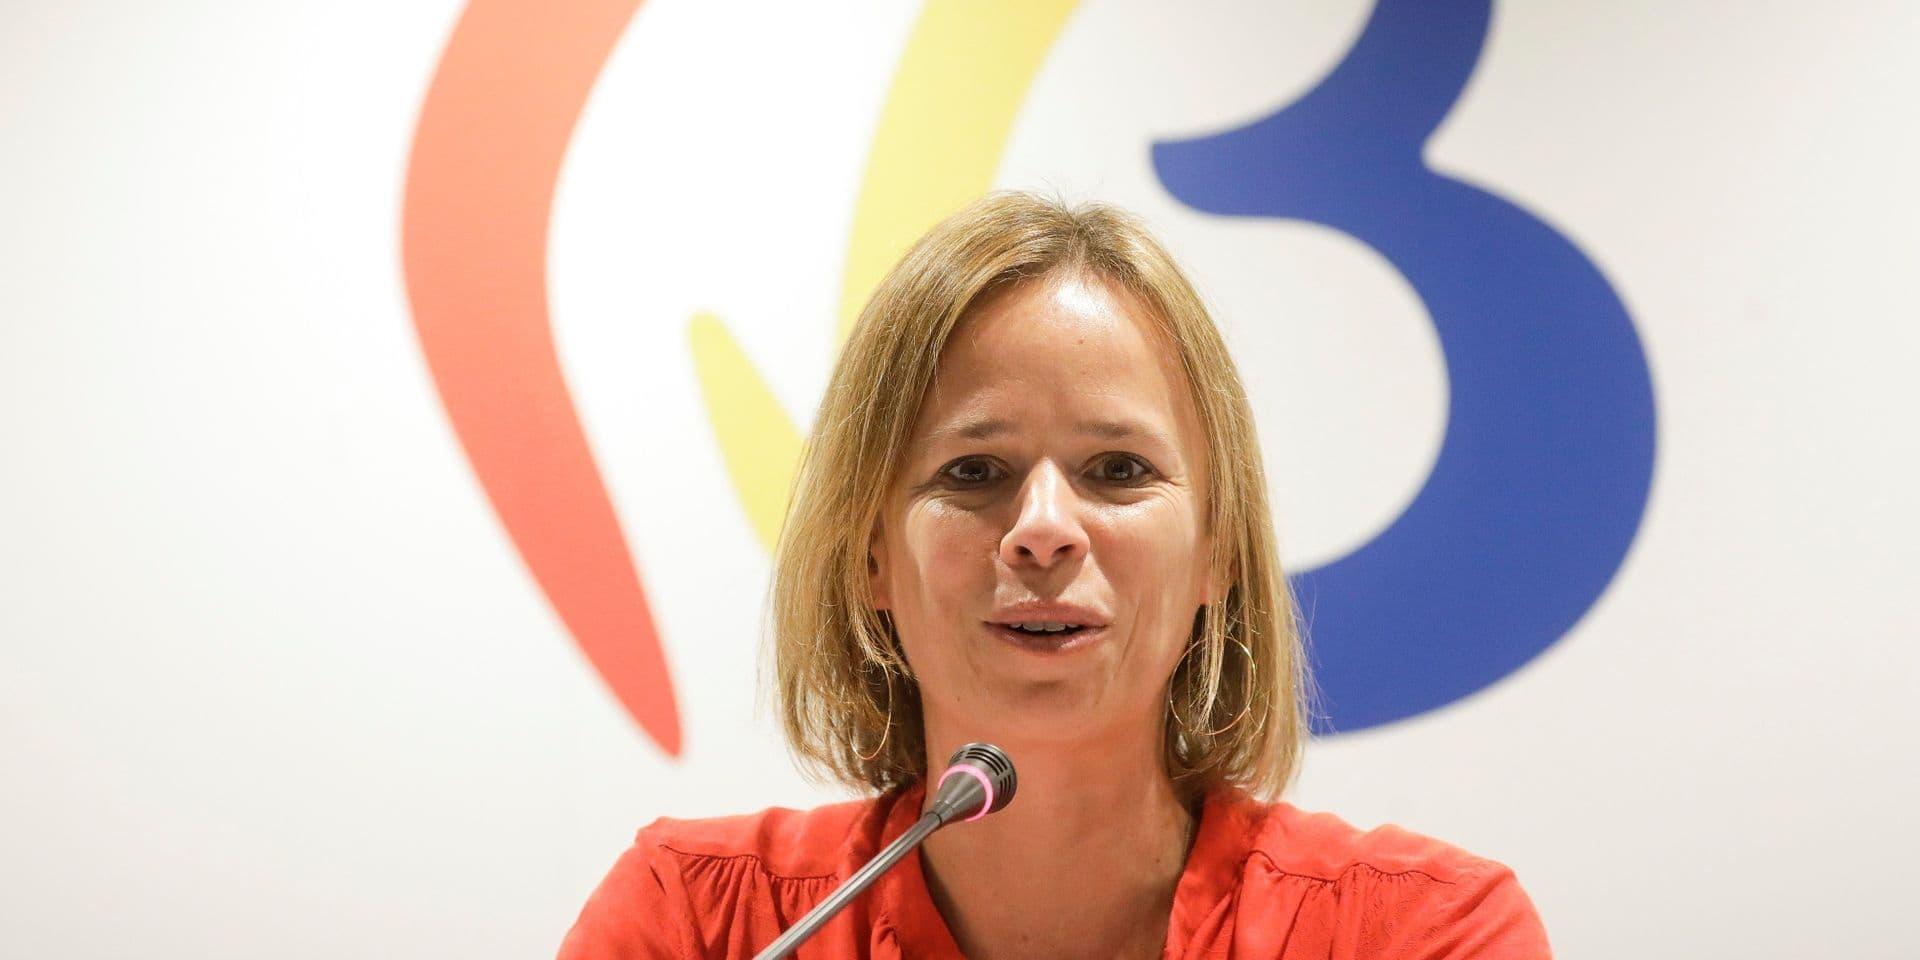 Ecole de l'Alliance: Caroline Désir a demandé un rapport aux services de l'inspection